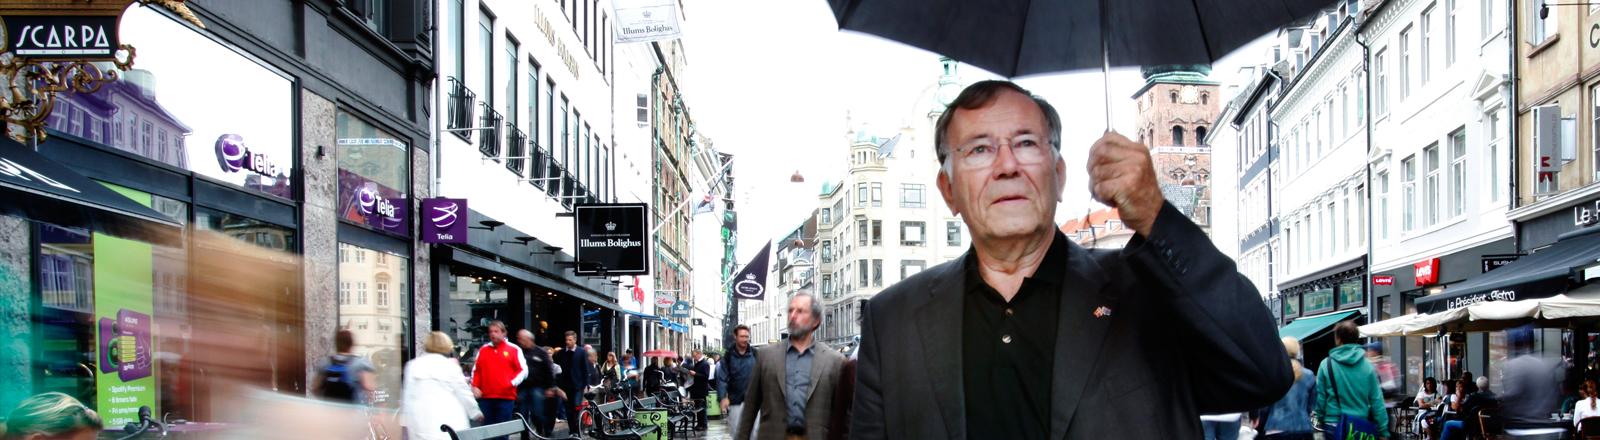 Jan Gehl steht mit einem Regenschirm in einer Fußgängerzone